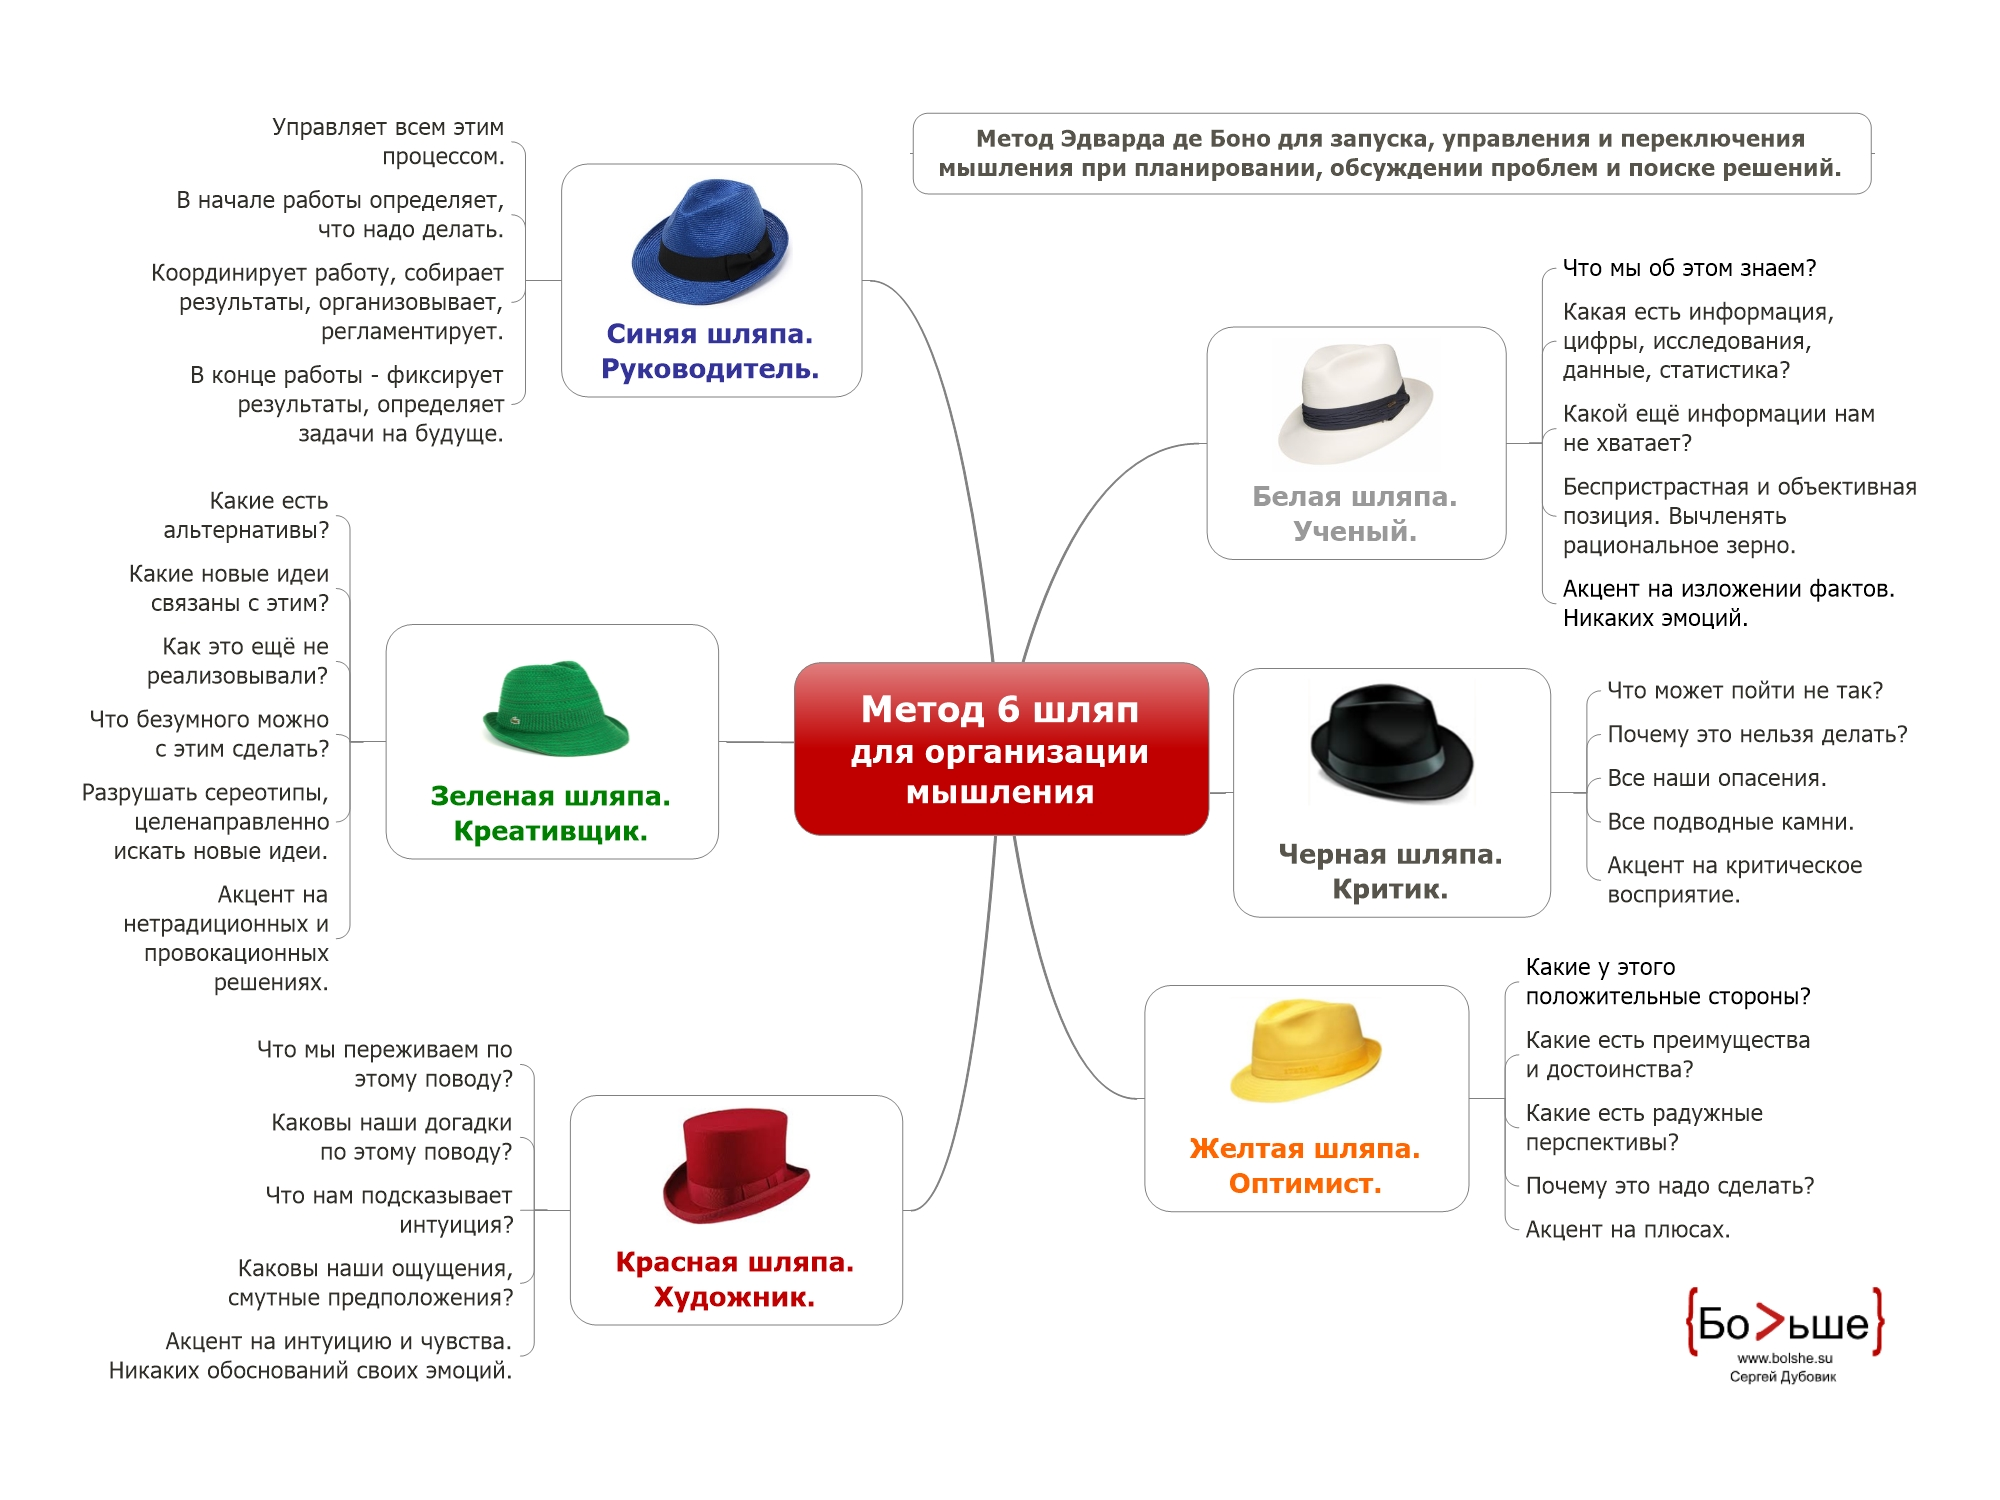 6 шляп мышления, шесть шляп мышления, метод Эдварда де Боно, шляпы Боно, метод организации мышления, методы развития интеллекта, методы развития креативности, Six thinking hats